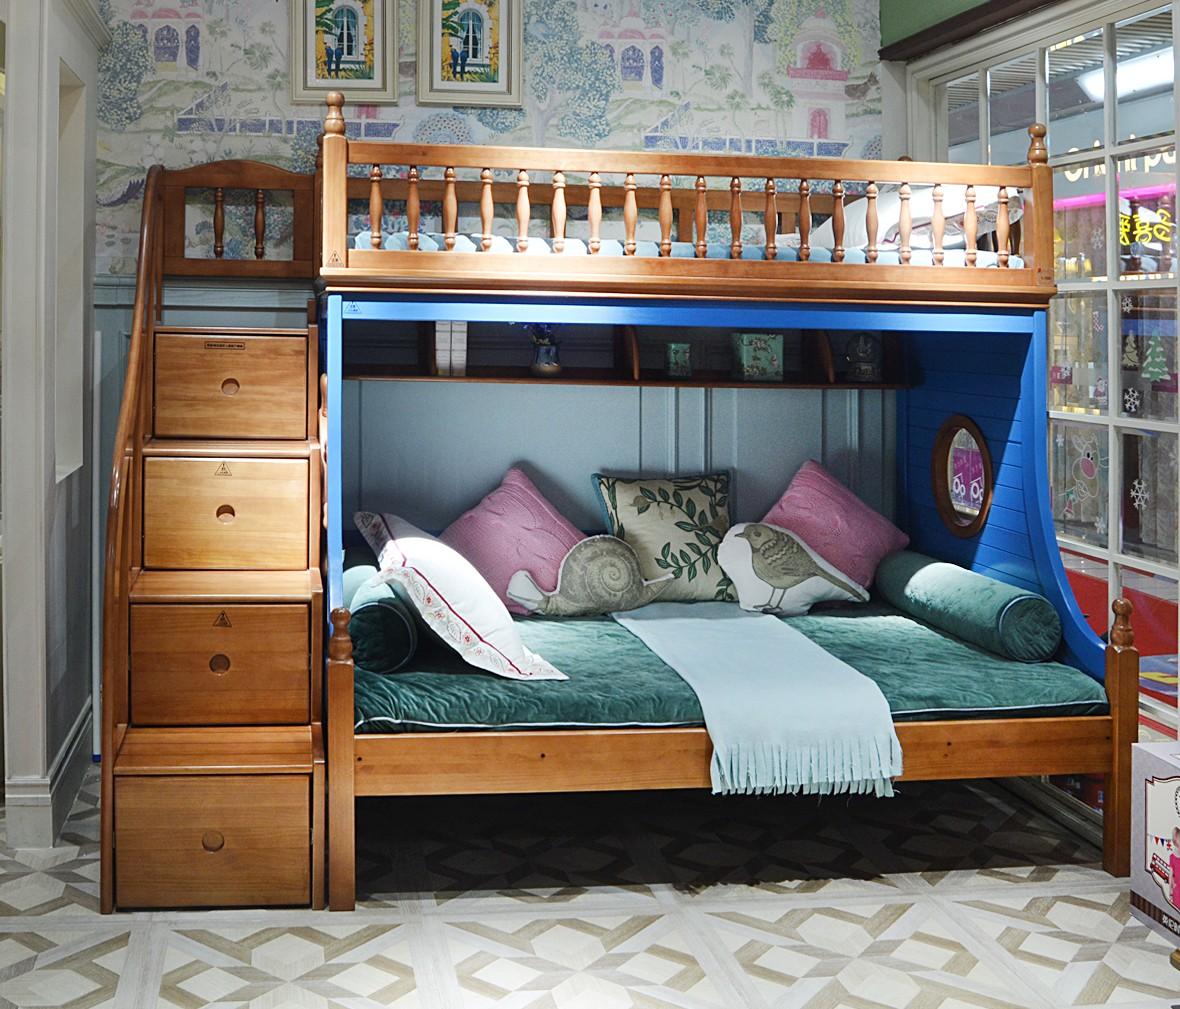 多喜爱W5 QTA102C-135+J601型号上下床 新西兰松材质床架 商品实拍